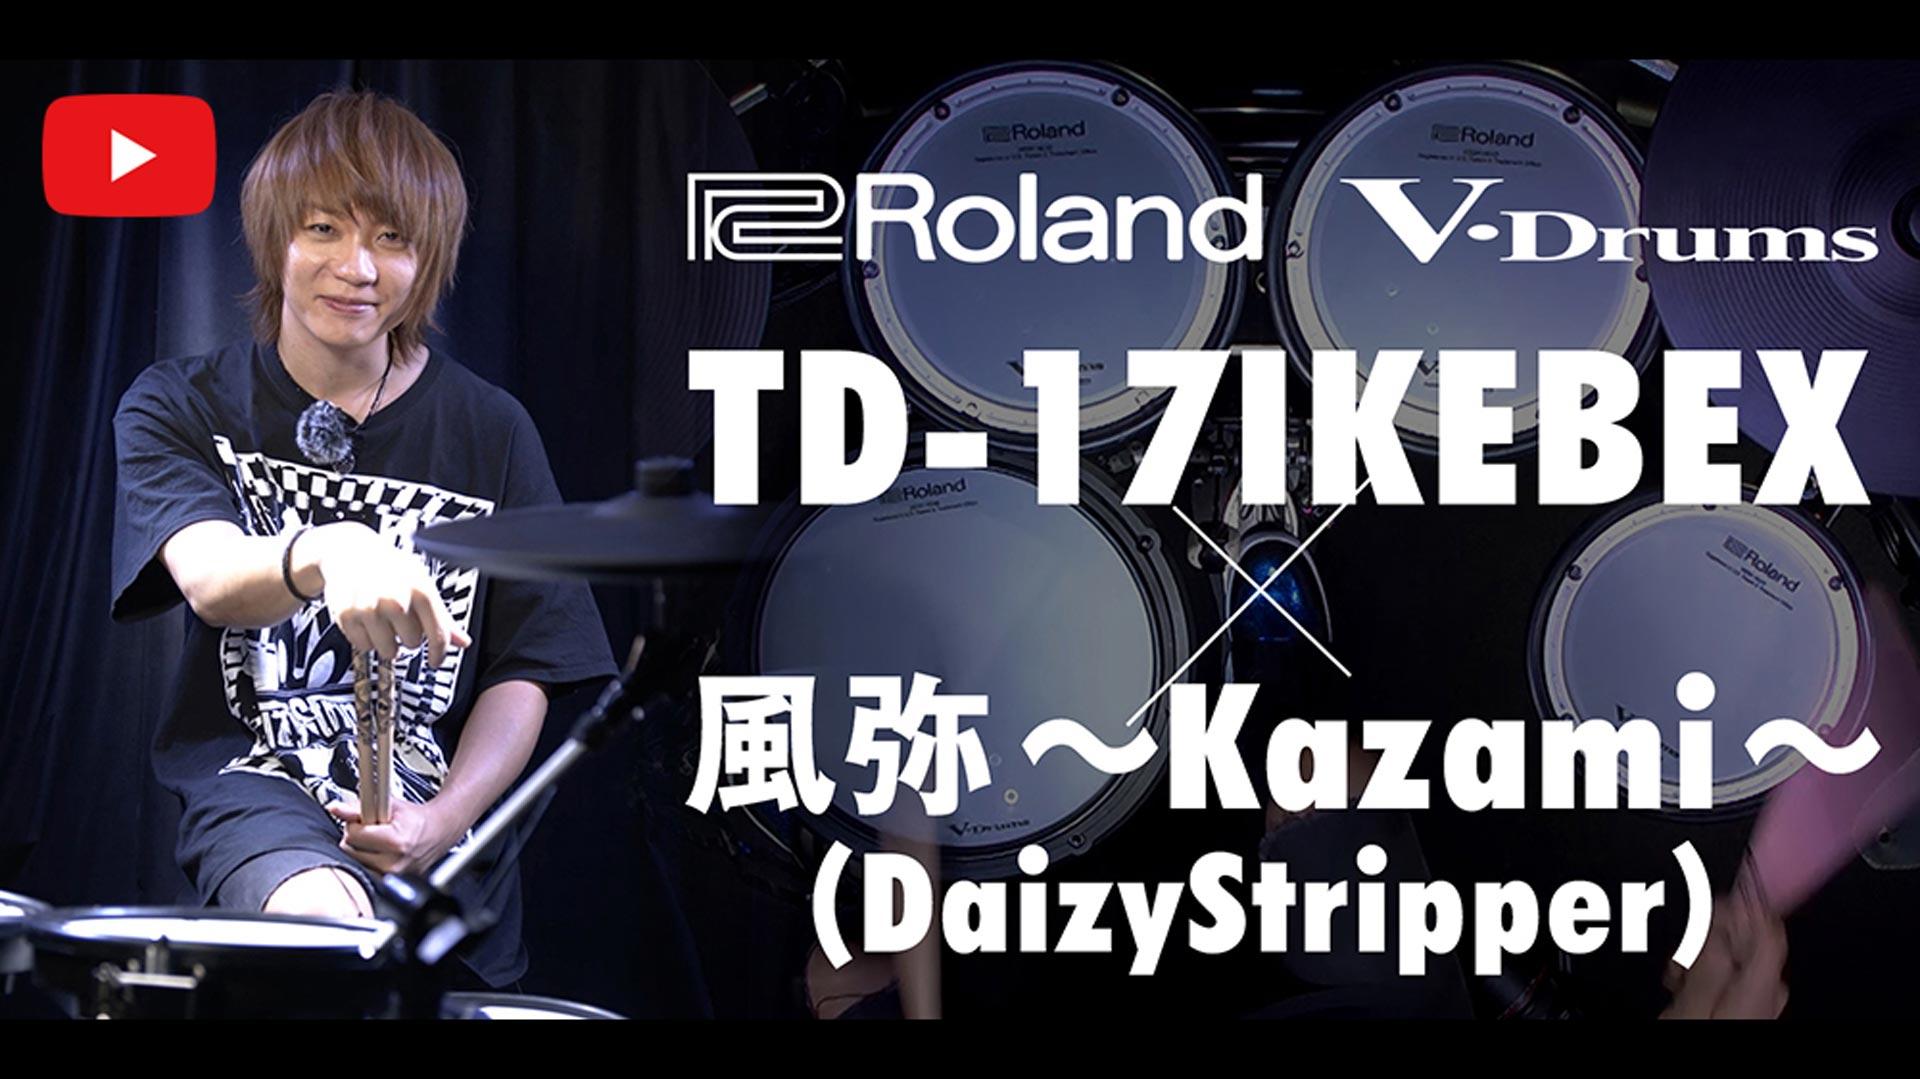 【Roland x Drum Station TD-17IKEBEX】